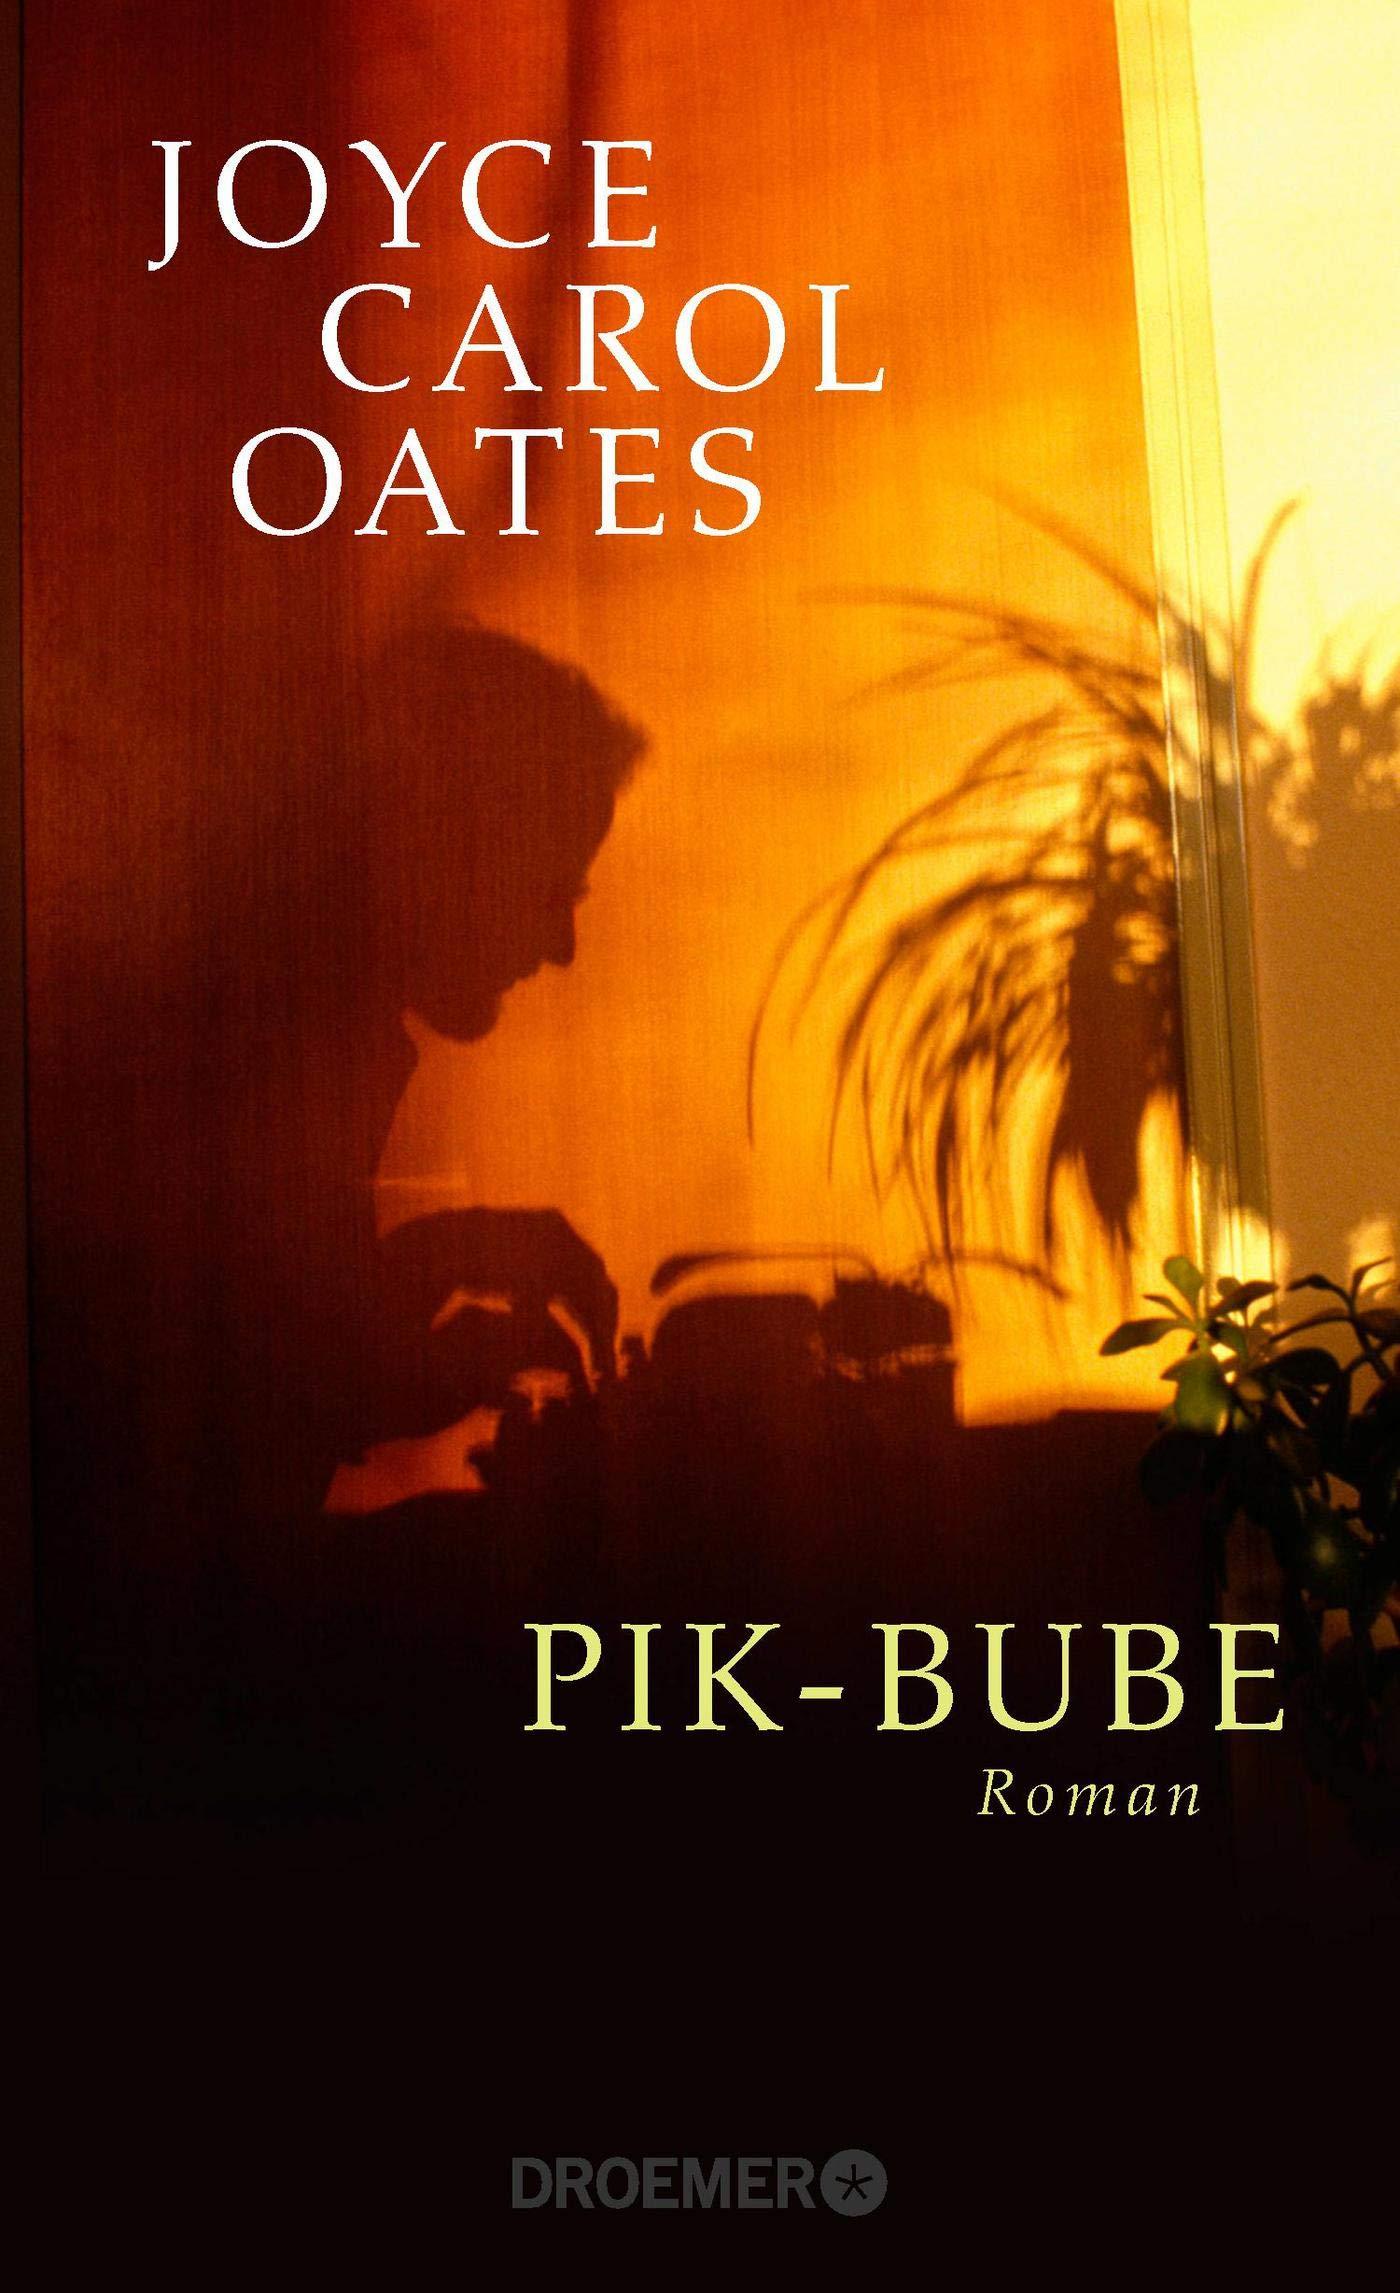 Pik-Bube: Roman: Amazon.de: Joyce Carol Oates, Frauke Czwikla: Bücher